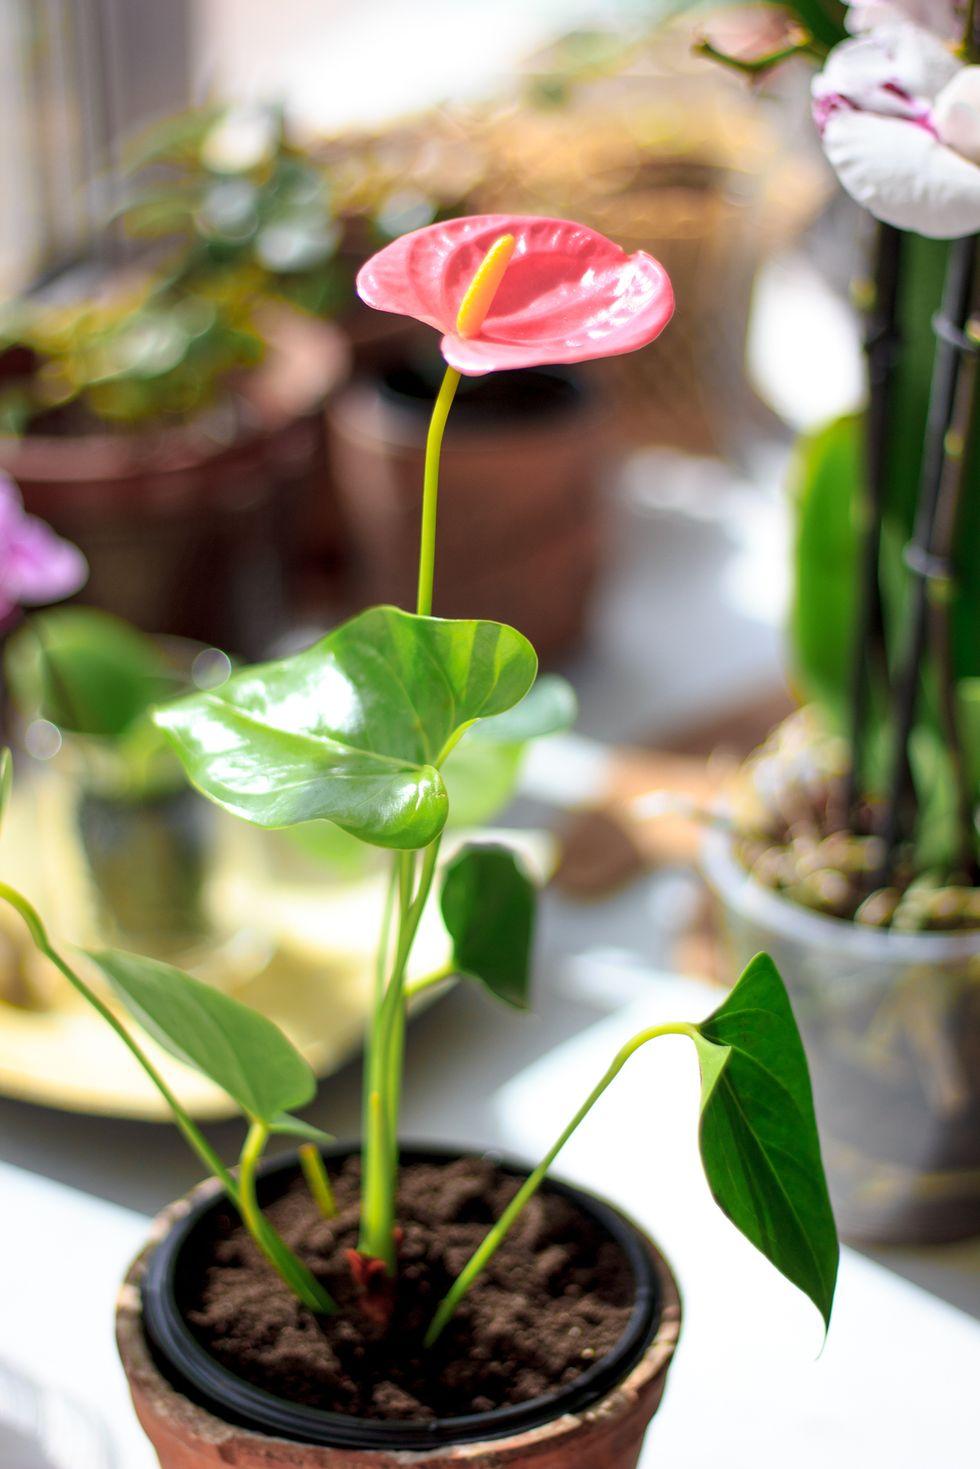 एन्थोरियम (Anthurium)